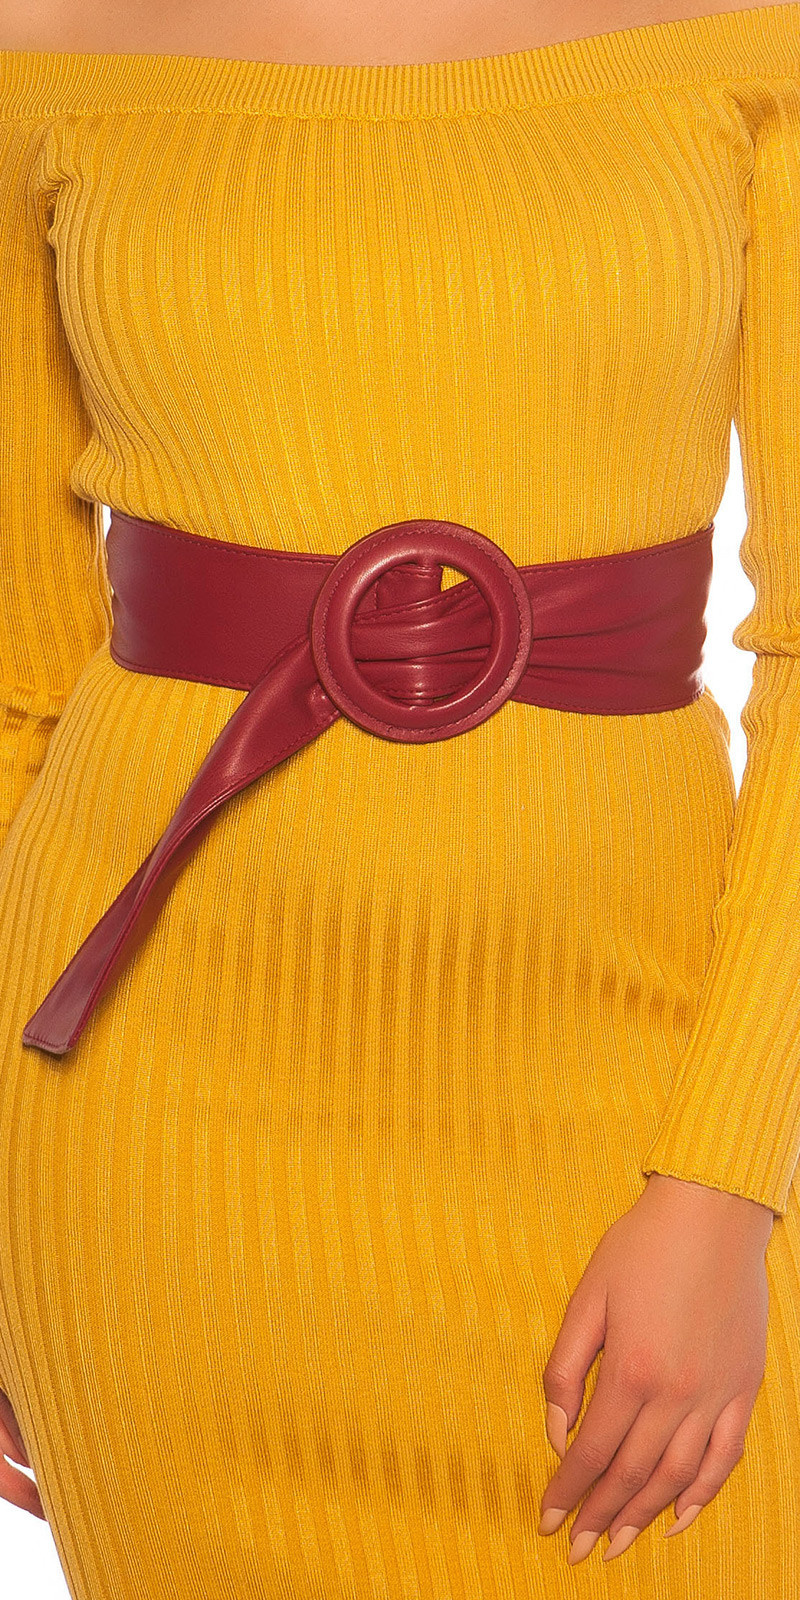 Trendy leatherette waist belt Bordeaux